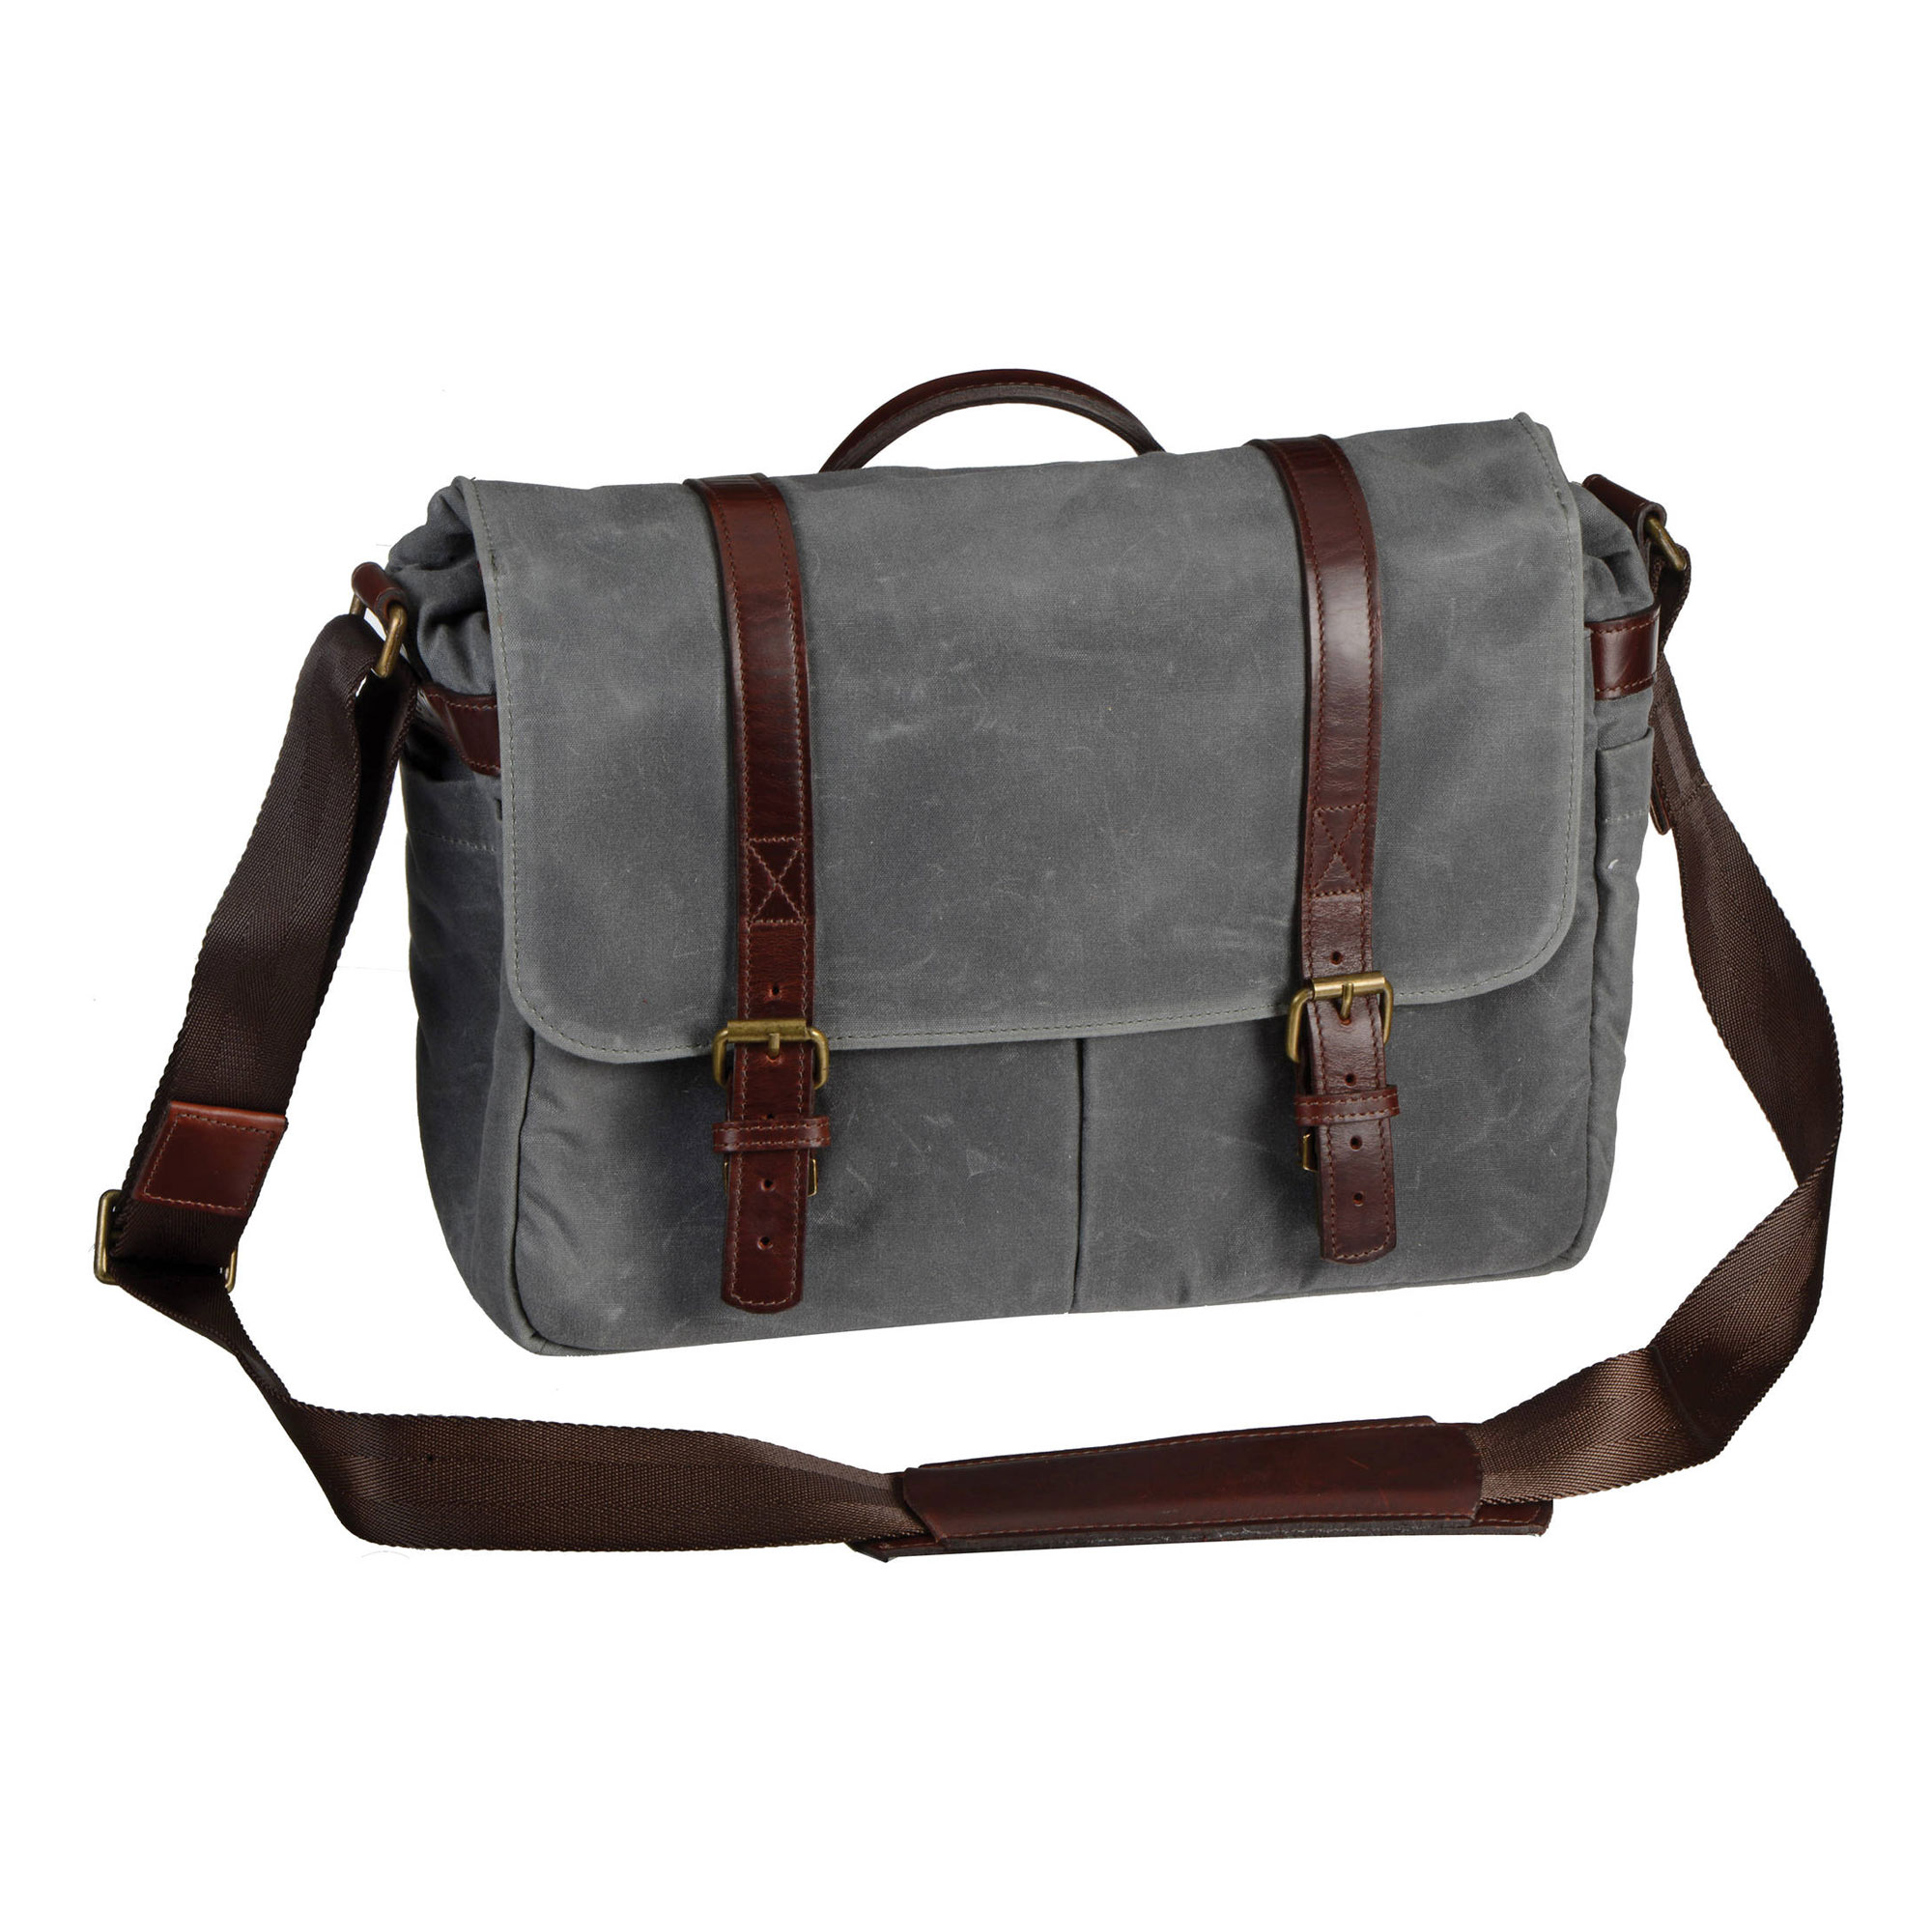 57622cf2c61 ONA Bags | Brixton Camera/Laptop Messenger Bag (Smoke)